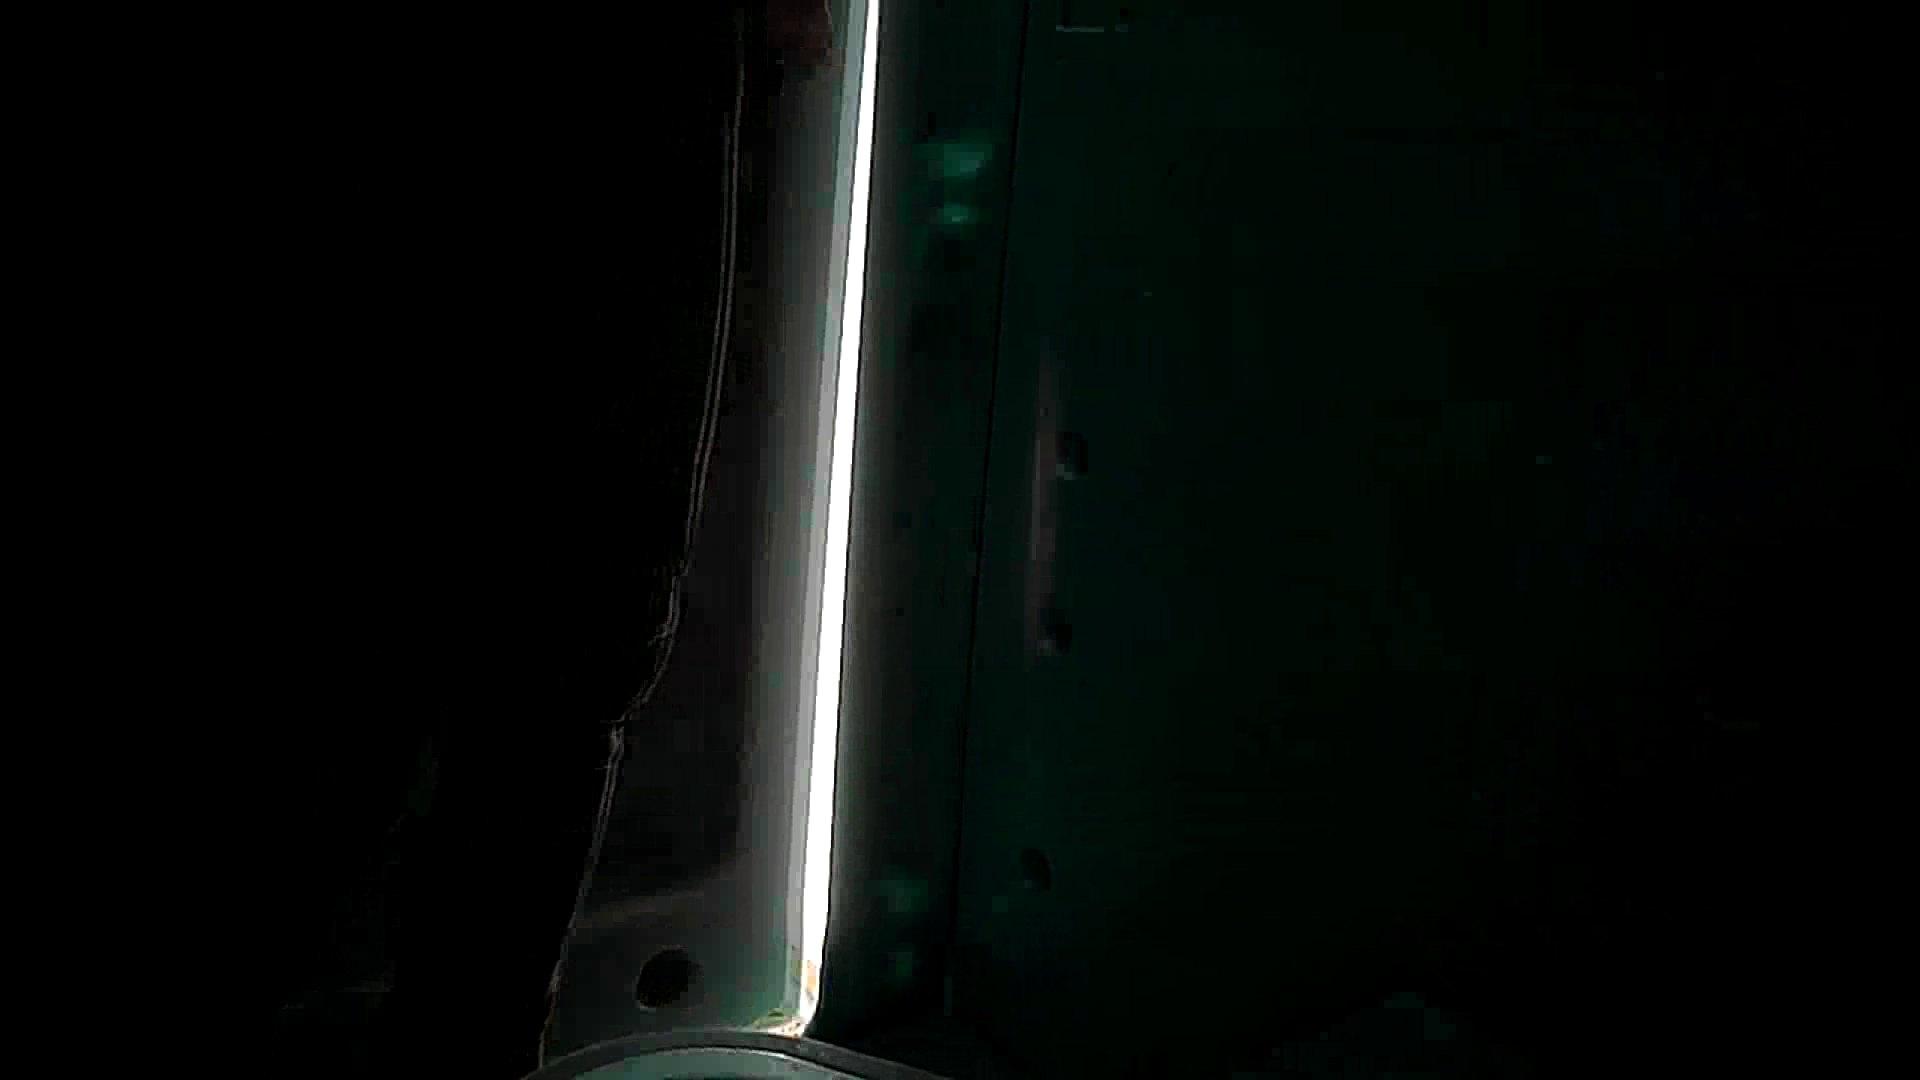 無修正ヌード|痴態洗面所 Vol.06 中が「マジヤバいヨネ!」洗面所|怪盗ジョーカー